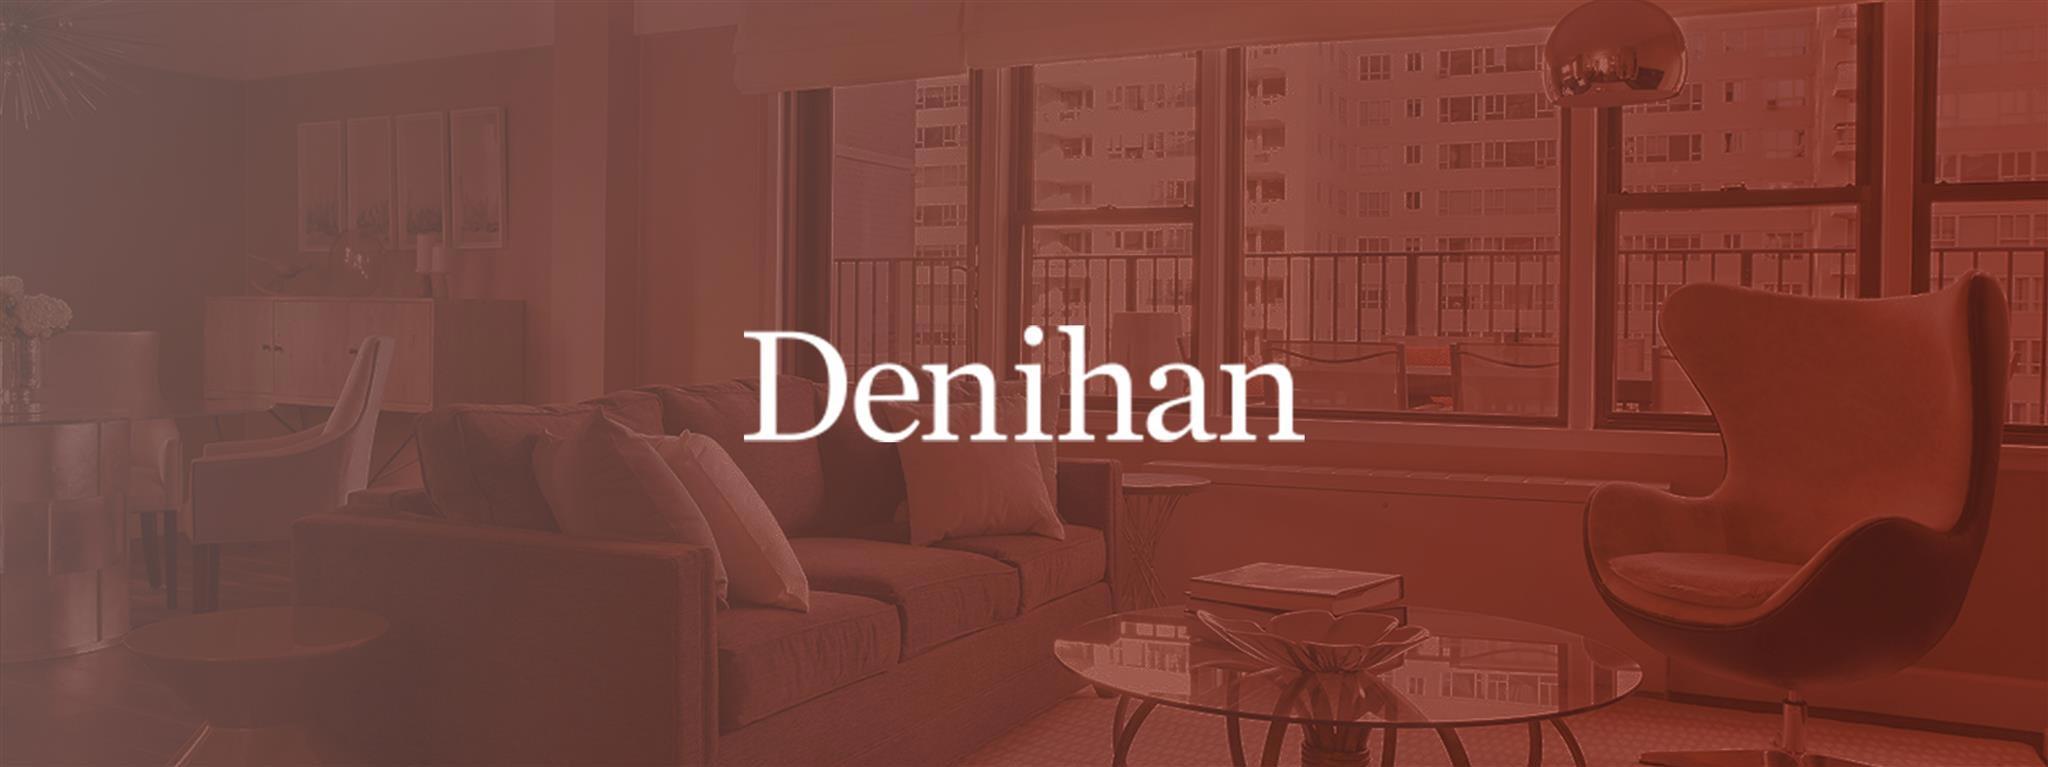 Denihan_CaseStudy_LP_1-min